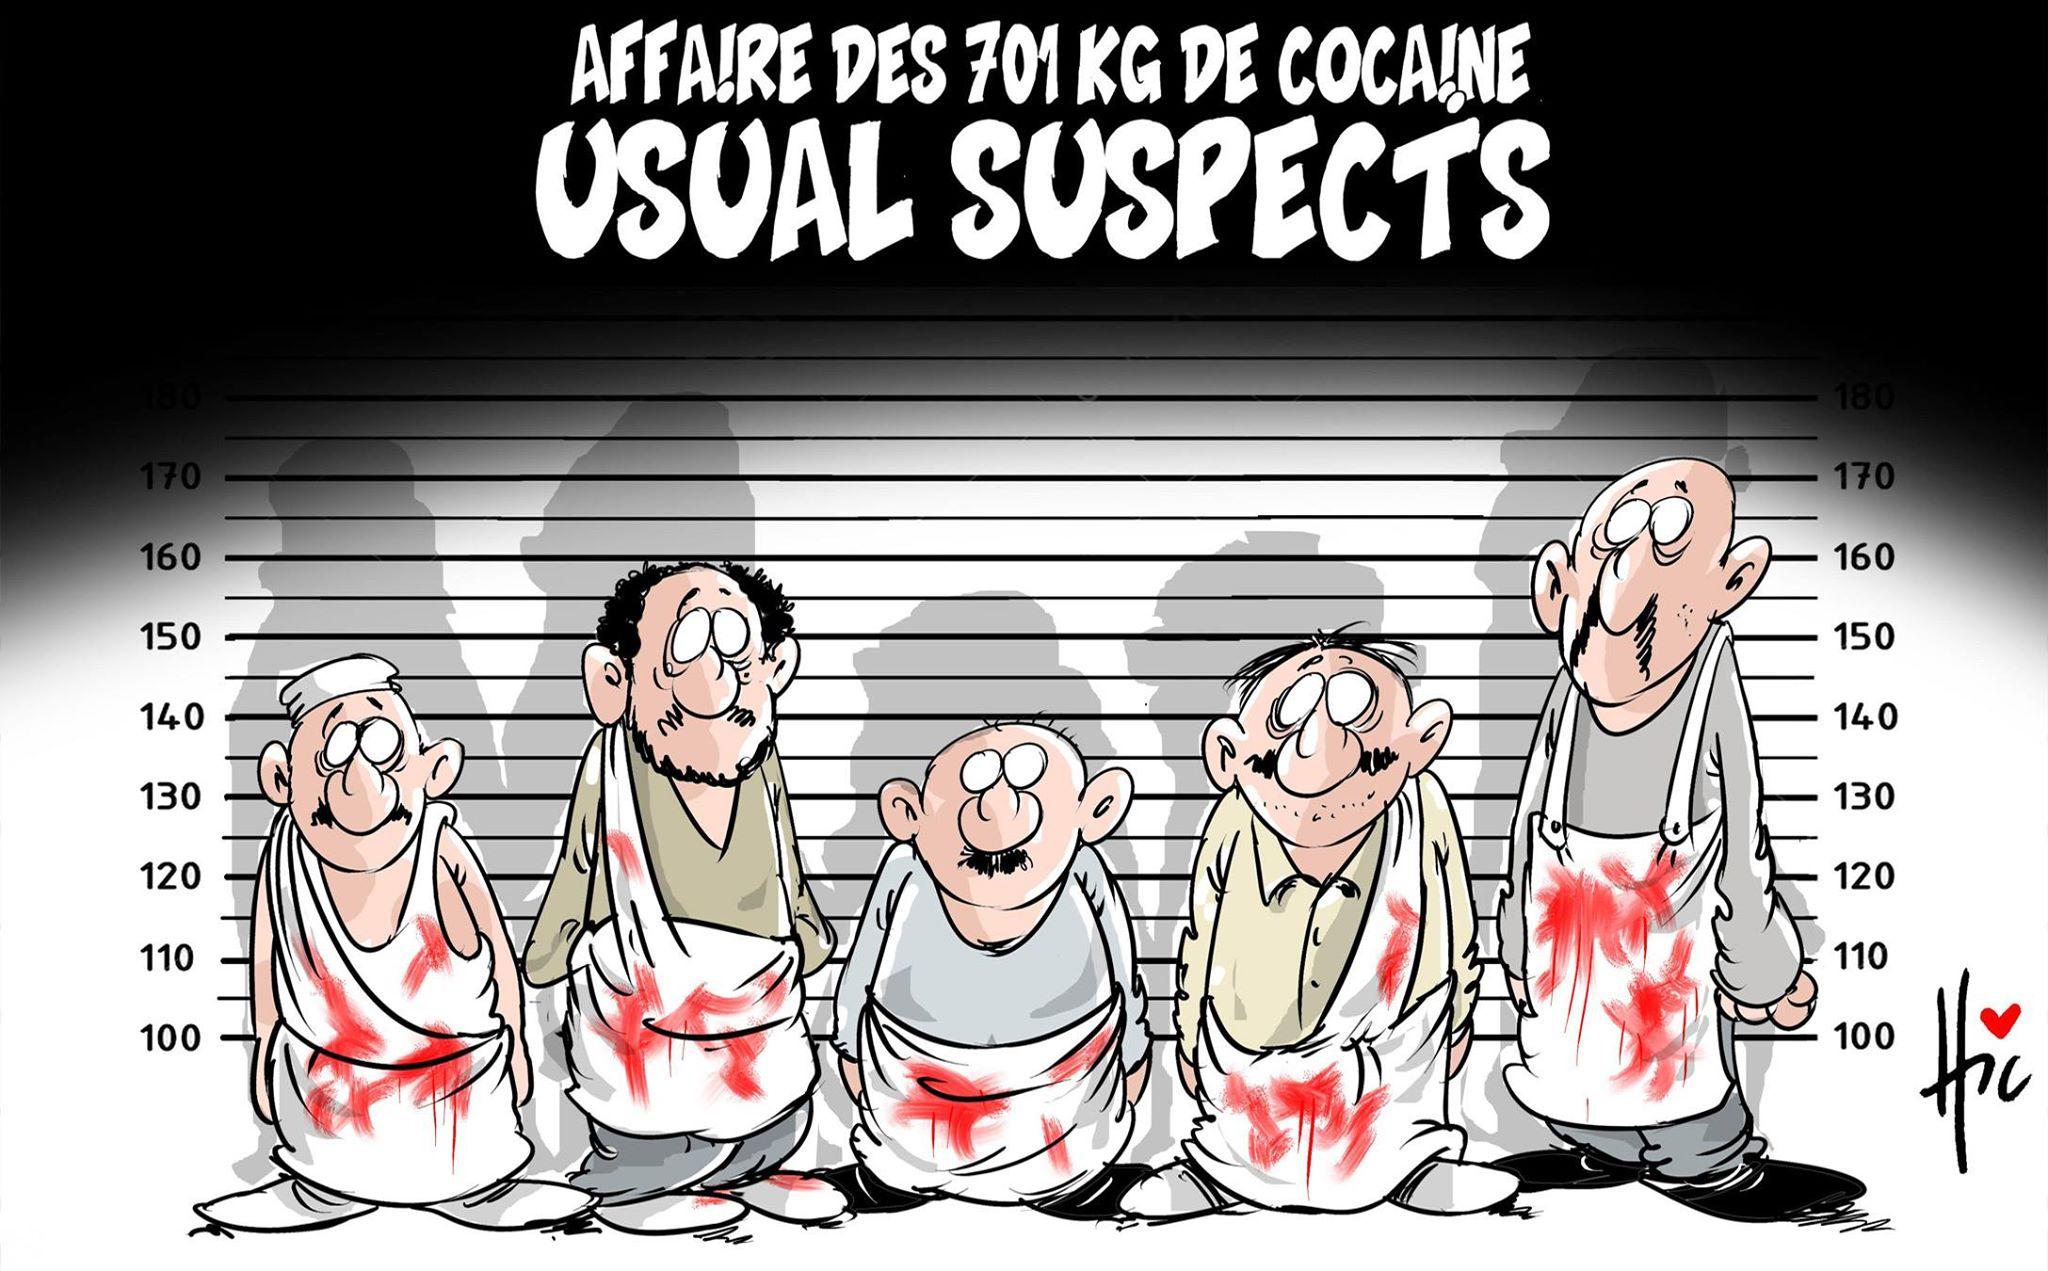 Affaire des 701 kg de cocaïne : Usual suspects - Kamel el bouchi - Gagdz.com